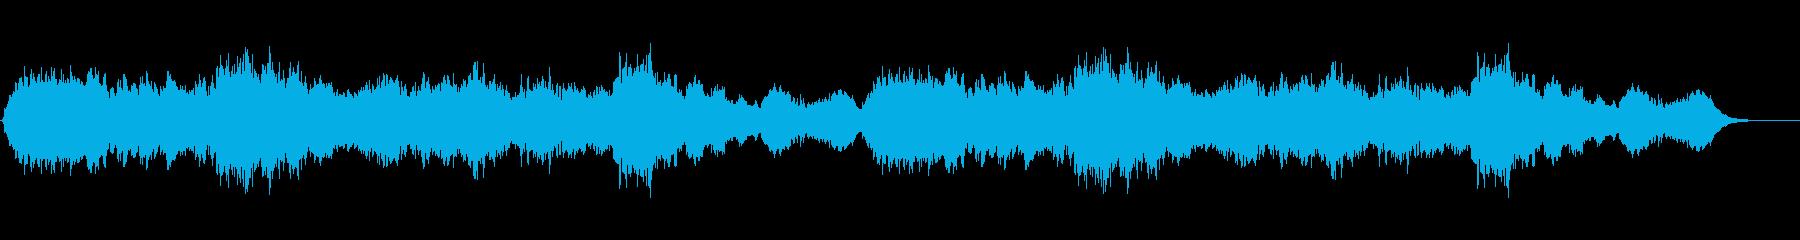 星の庭の再生済みの波形